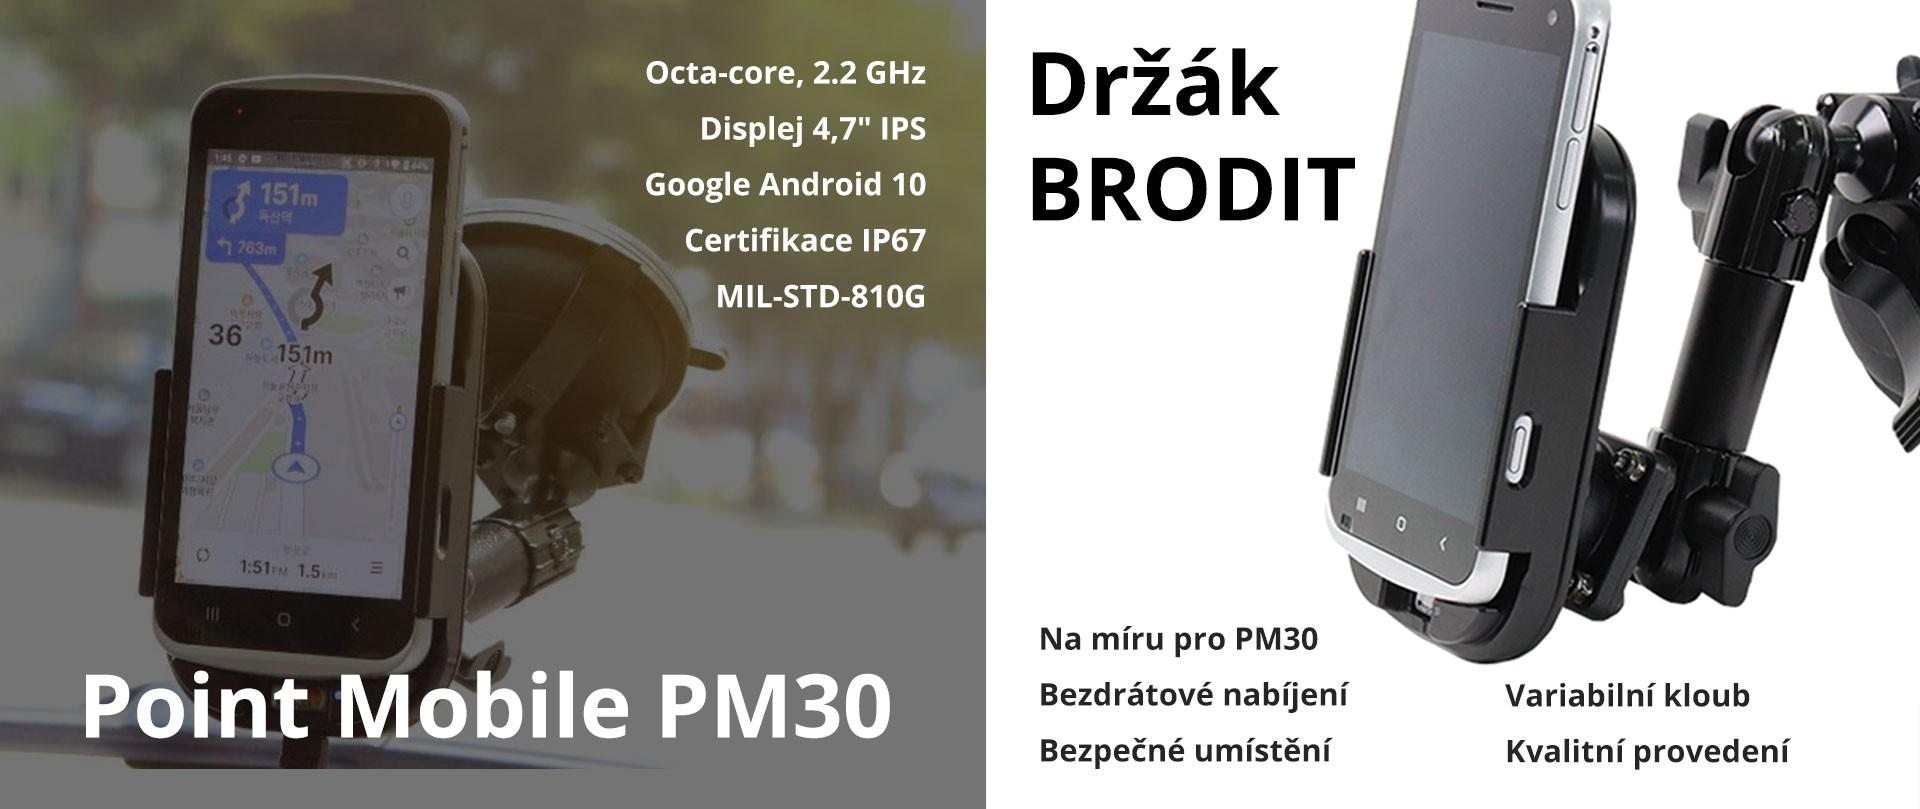 Držák BRODIT s PM30